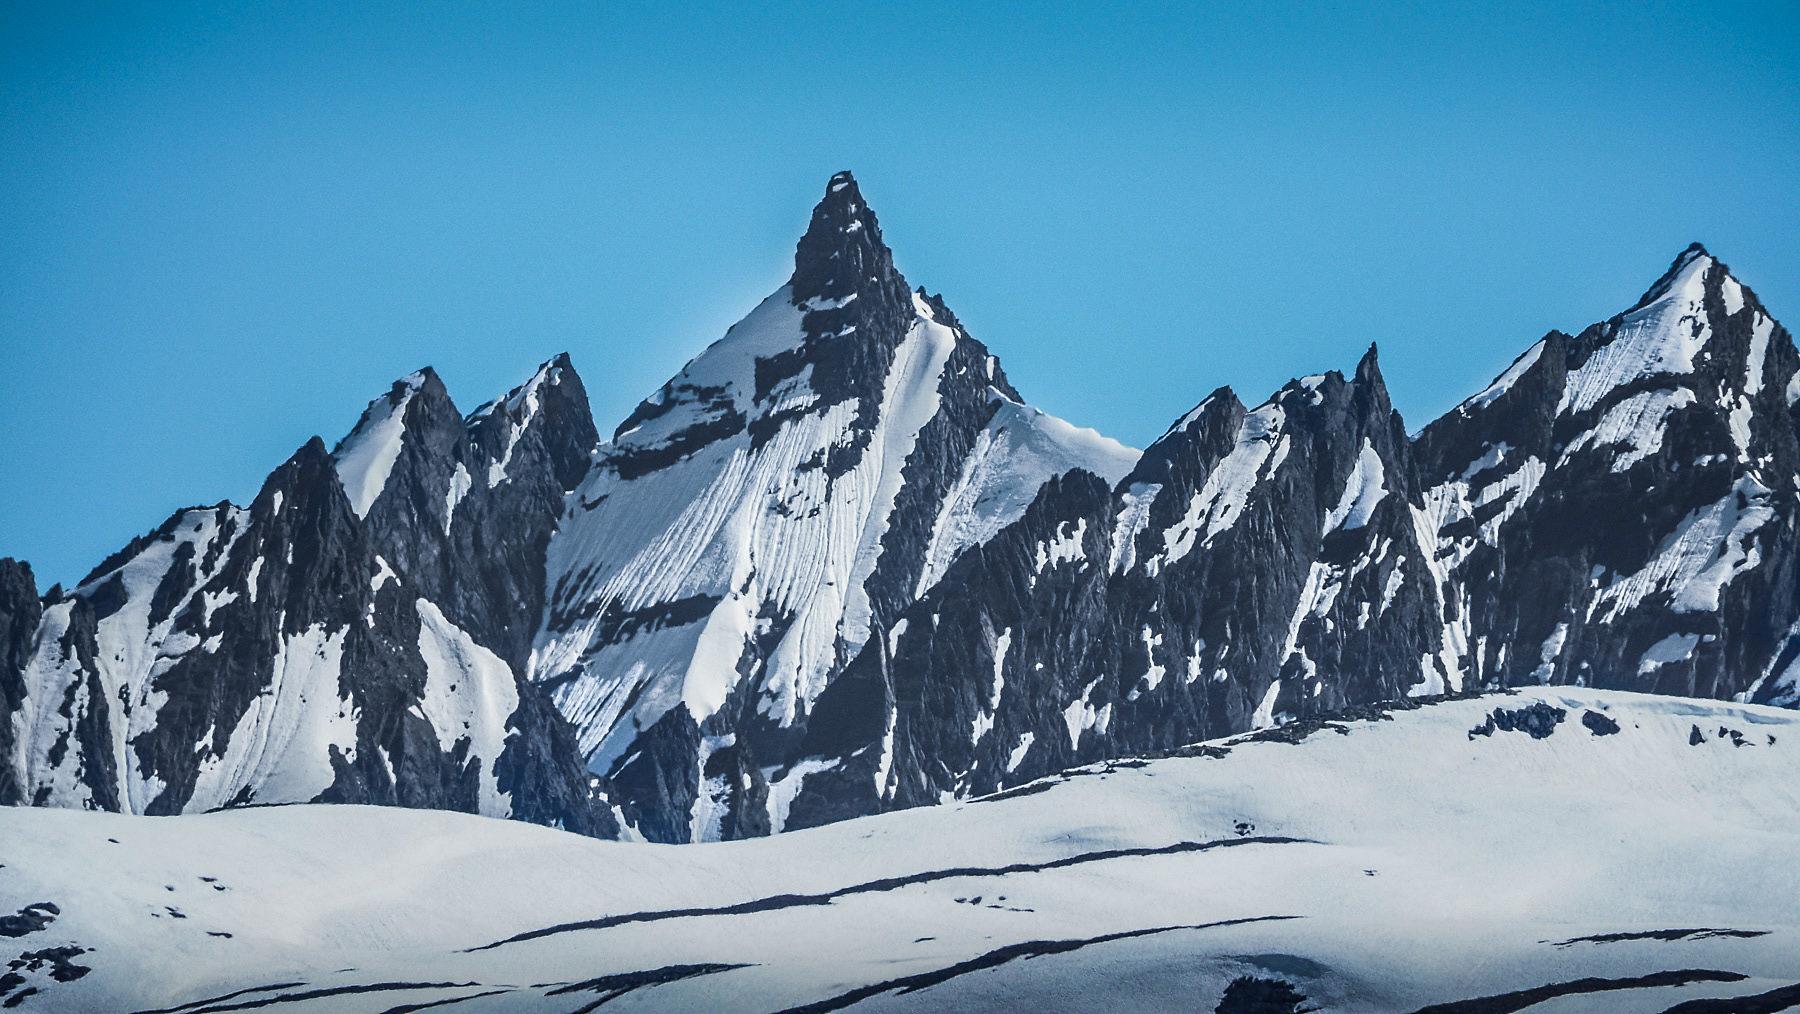 ..mit teilweise kühnen, steilen Berggipfeln